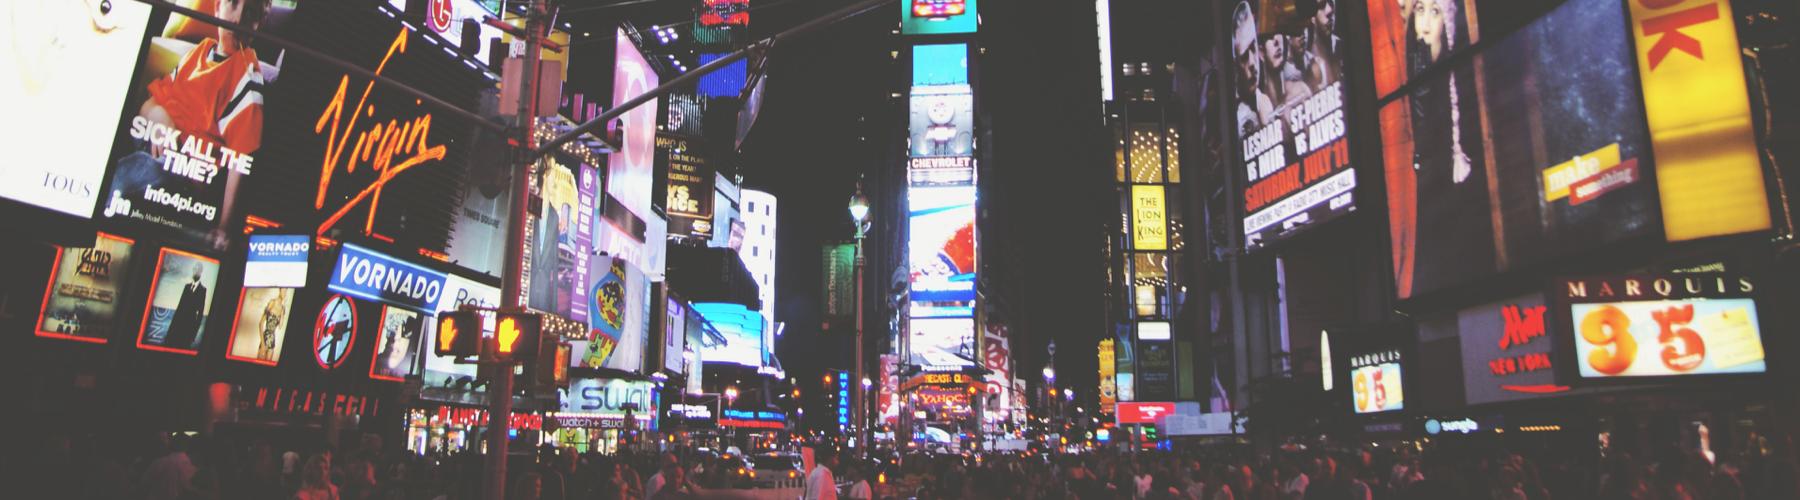 Quel est l'impact de la publicité sur la culture populaire ?